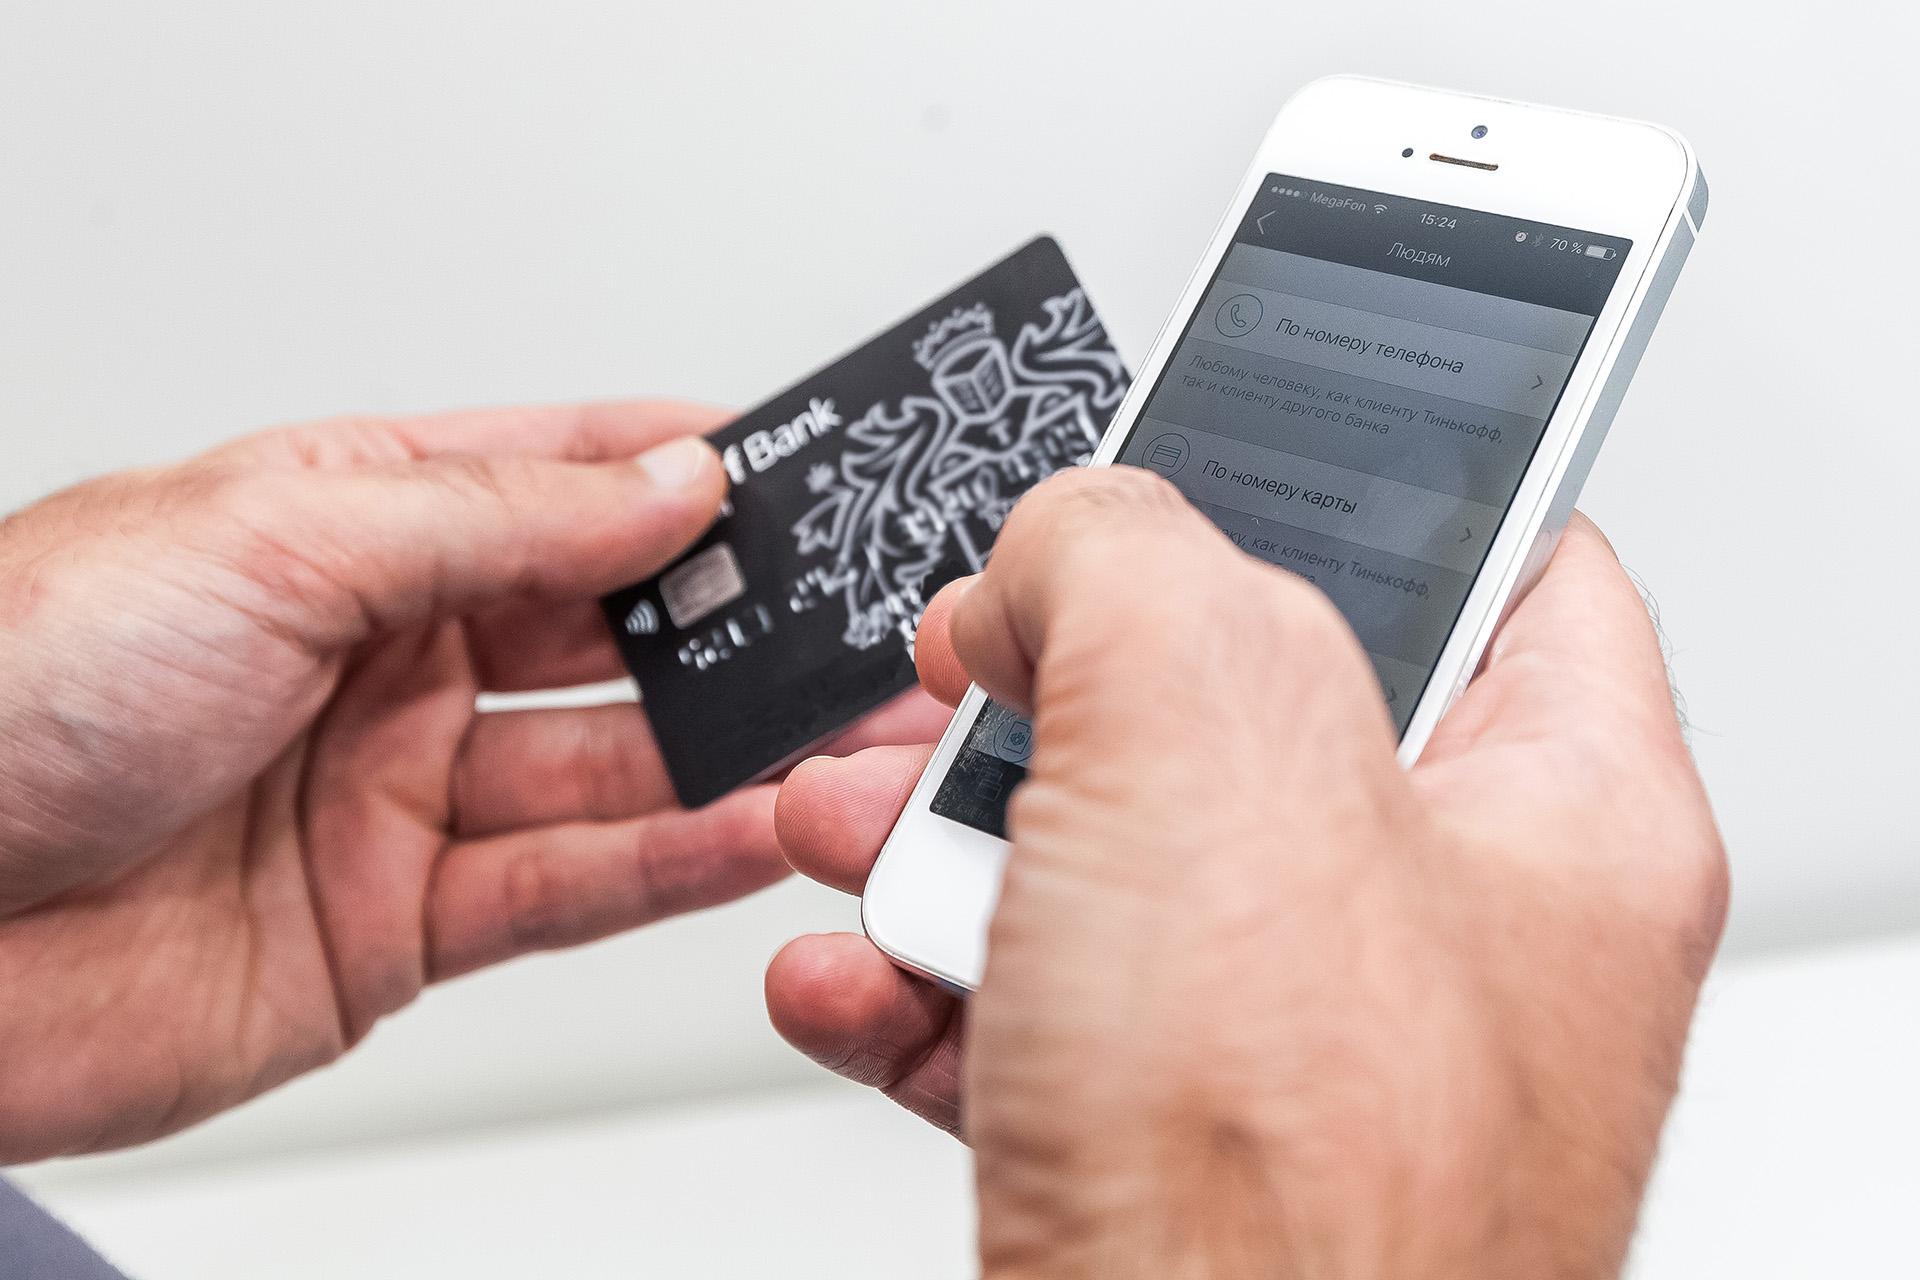 Для перевода денег на карту обычно достаточно номера абонента, в крайнем случае — номера карты. Никогда не сообщайте незнакомым людям трёхзначный номер CVC с оборота карты и SMS-коды, которые приходят для подтверждения транзакций: их запрашивают жулики